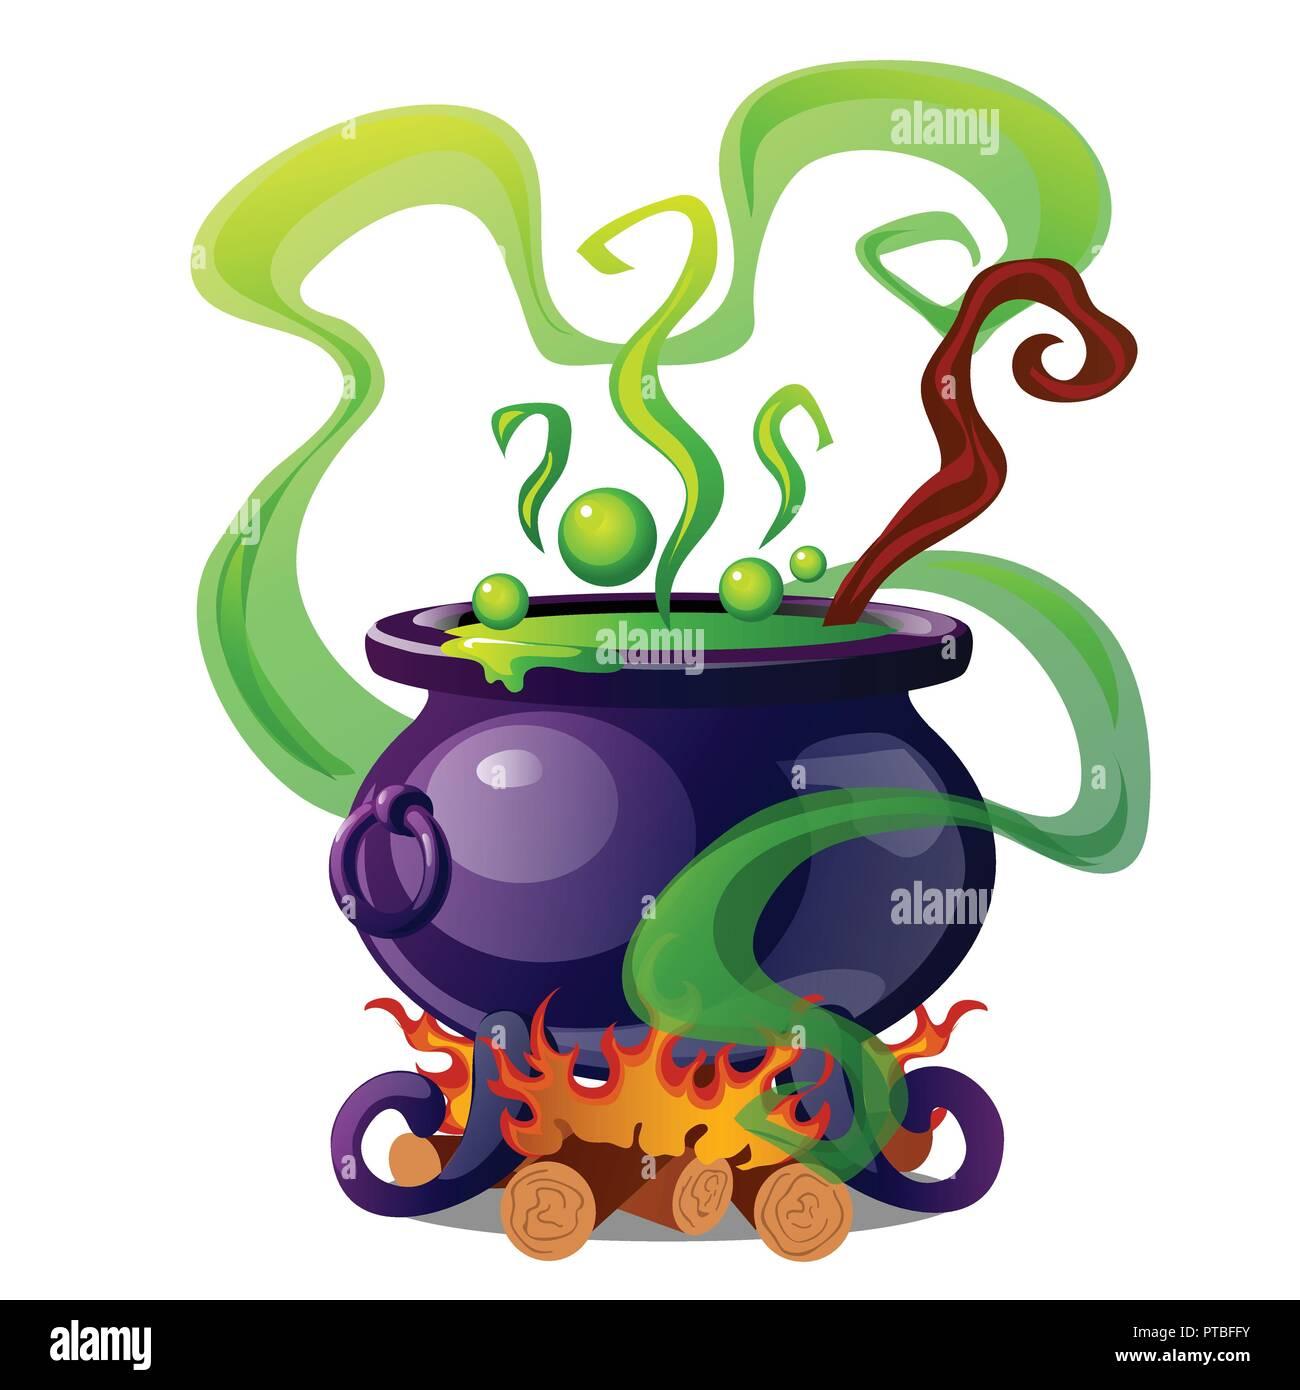 Stahl Kessel mit kochendem grünen Zaubertrank auf weißem Hintergrund. Skizze für ein Plakat oder eine Karte für alle bösen Geister Halloween. Vektor cartoon Close-up Abbildung. Stockbild